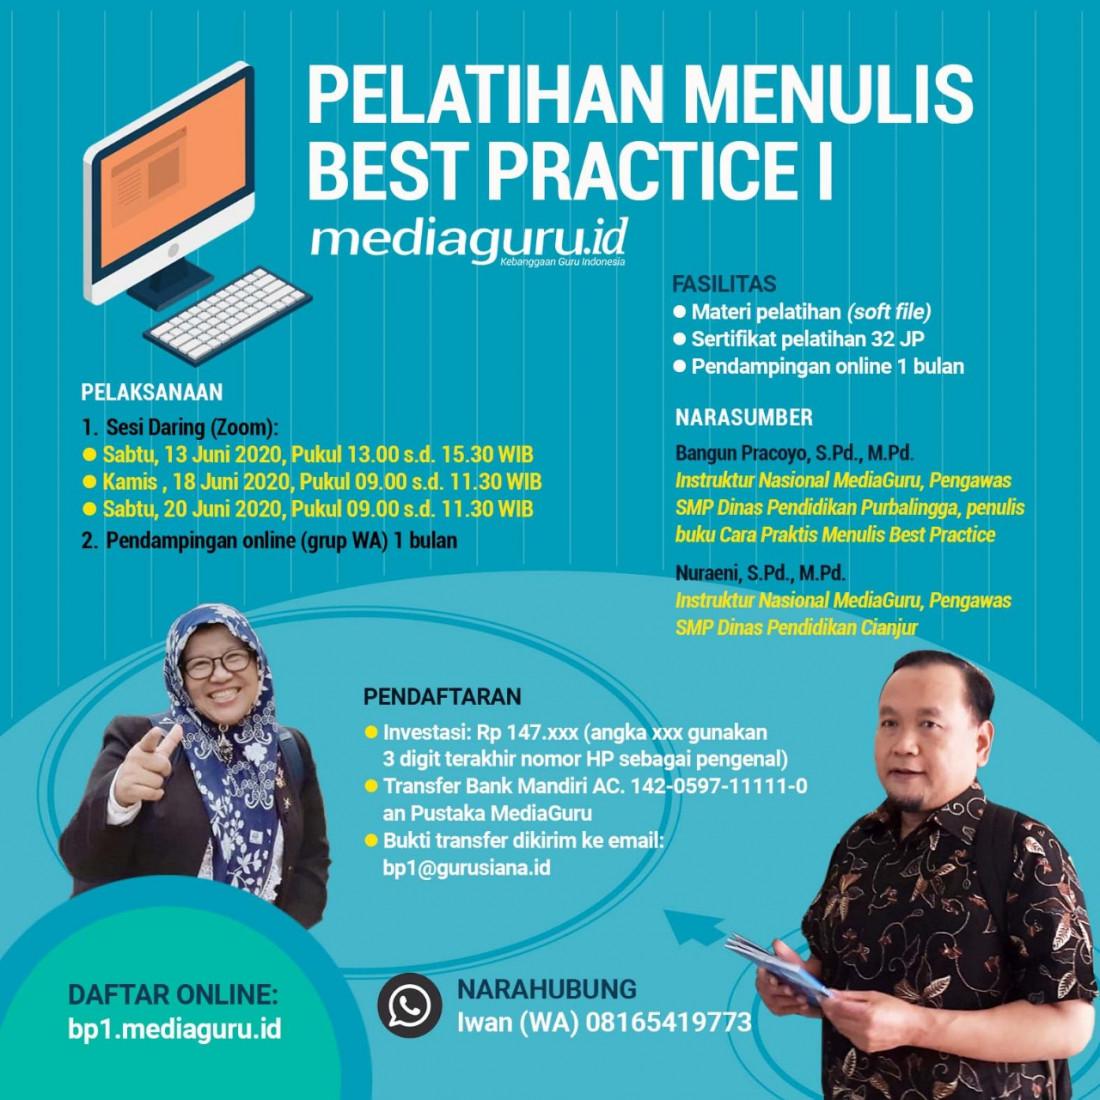 Pelatihan Menulis Best Practice (13 - 20 Juni 2020)